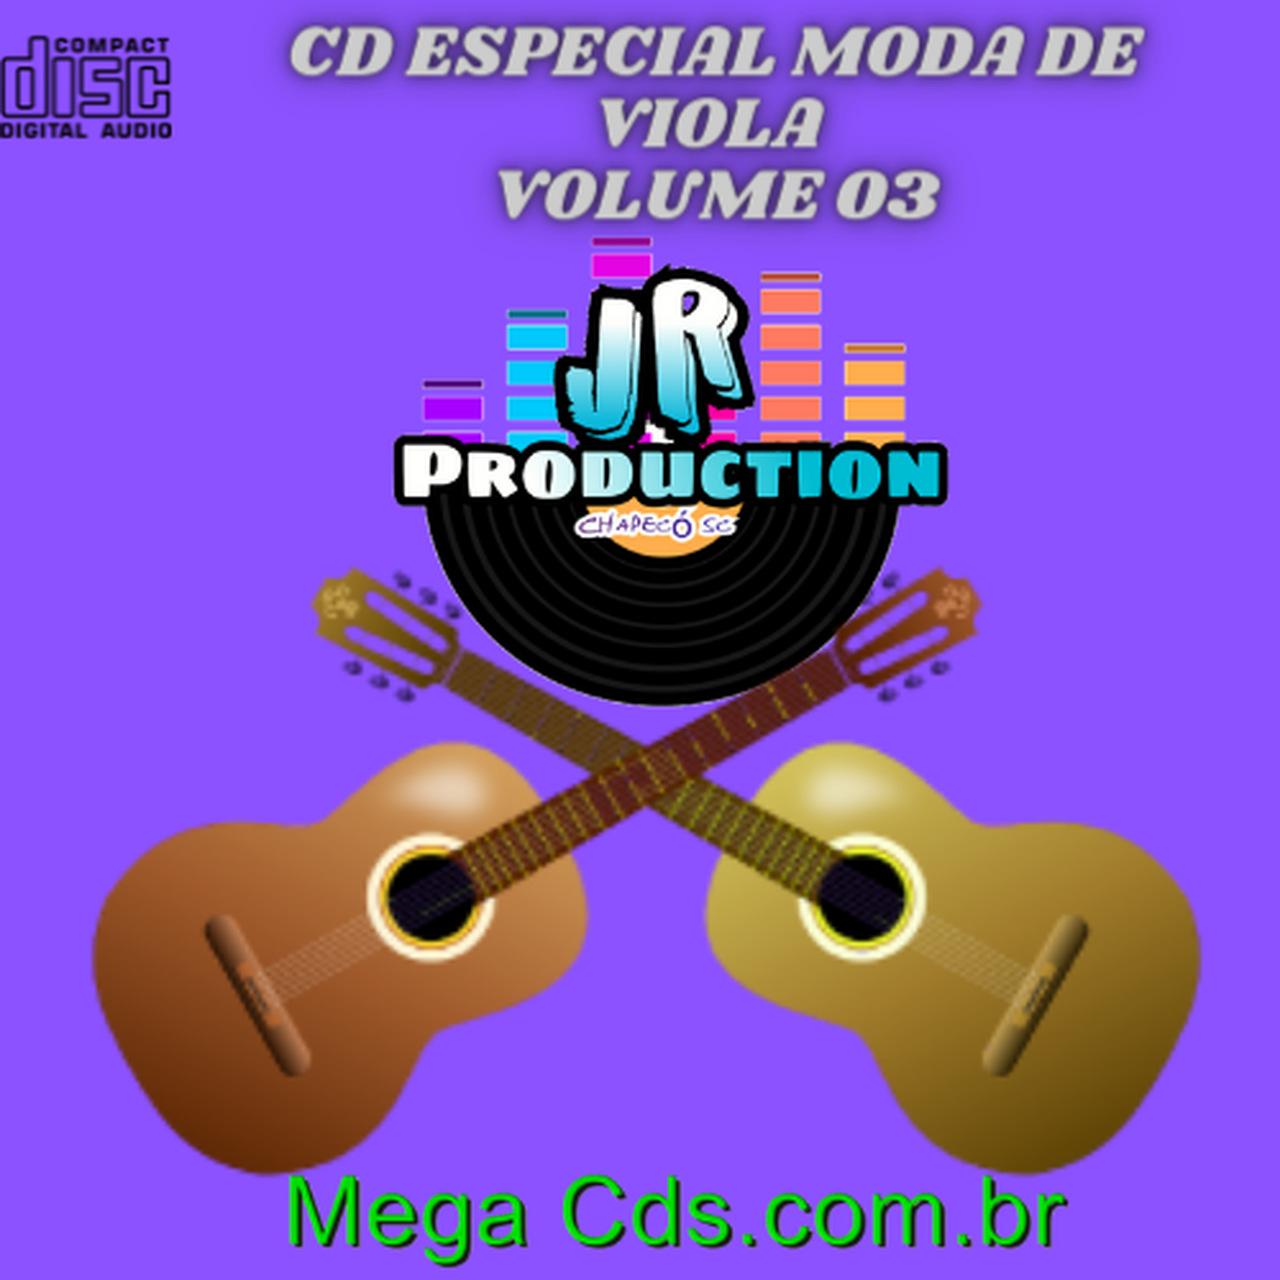 CD ESPECIAL MODA DE VIOLA VOLUME-03 BY JR PRODUCTION